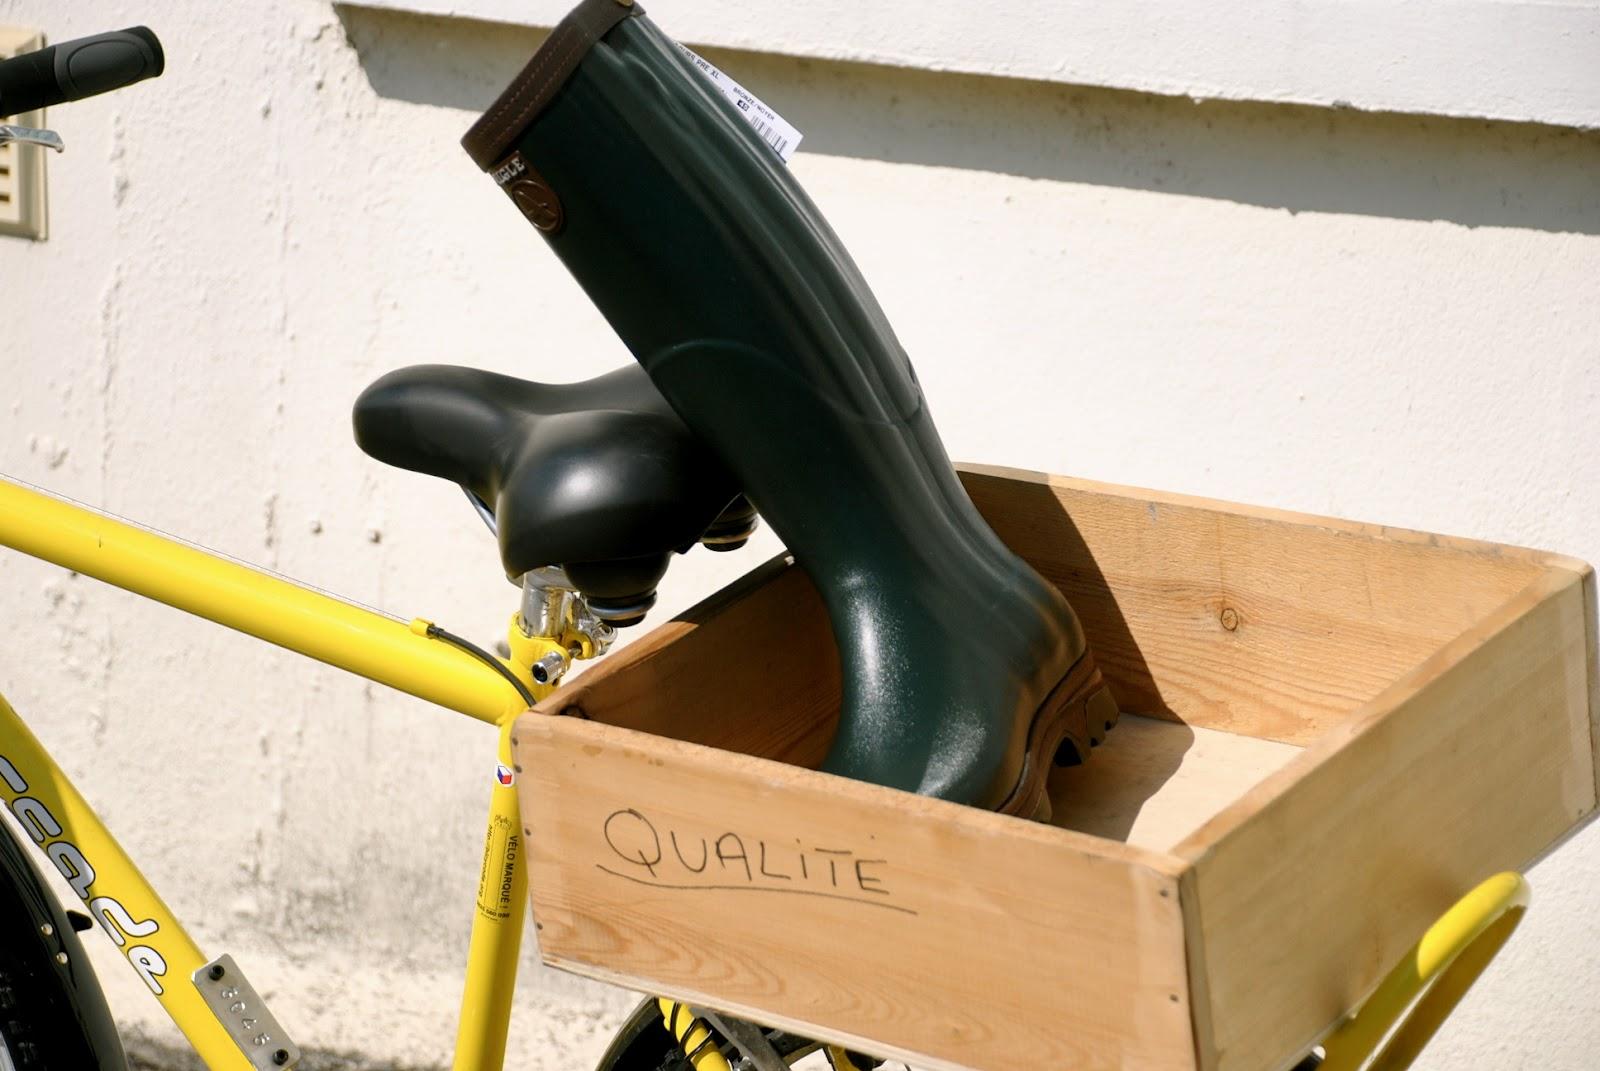 http://3.bp.blogspot.com/-ylHG3pn8NiU/T6jfdKAG13I/AAAAAAABJfE/INYFWKFx6qA/s1600/Aigle+Boots+Rubber+Boots+Factory+Chatellerault+France_0441.JPG